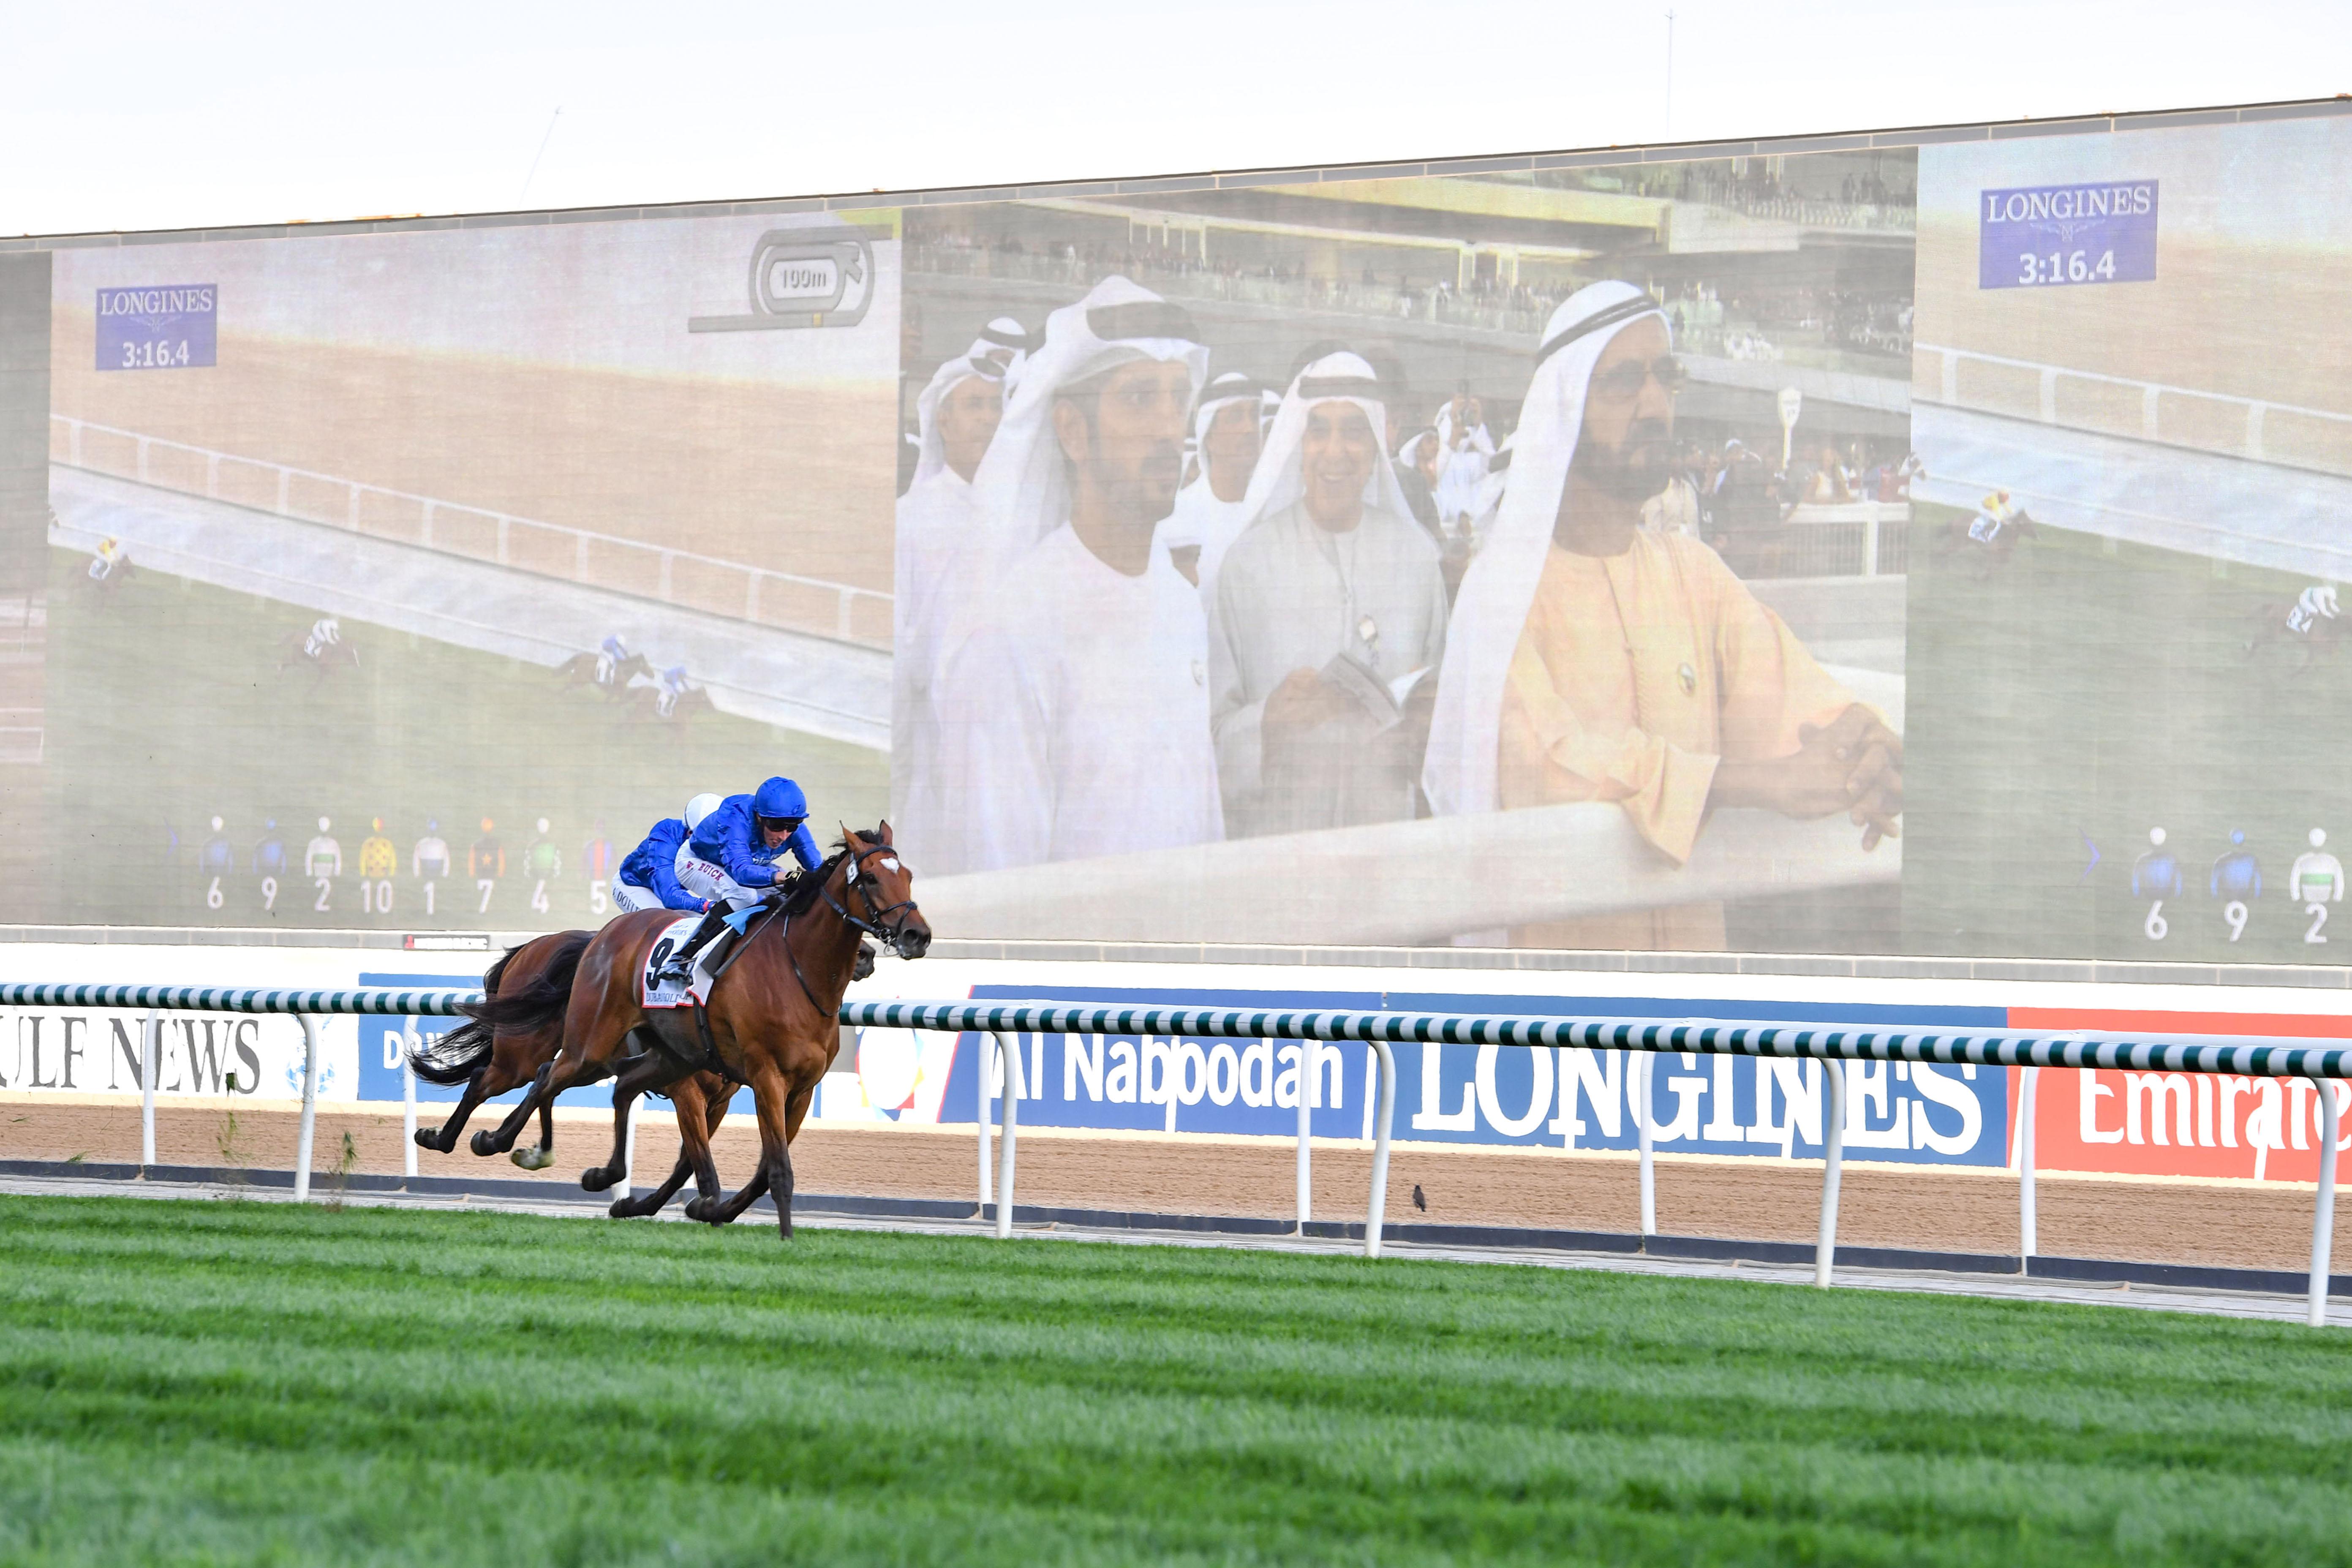 صاحب السمو الشيخ محمد بن راشد آل مكتوم - دبي تواصل تأكيد مكانتها مركزاً عالمياً رئيسياً لرياضات الخيل وسباقاتها